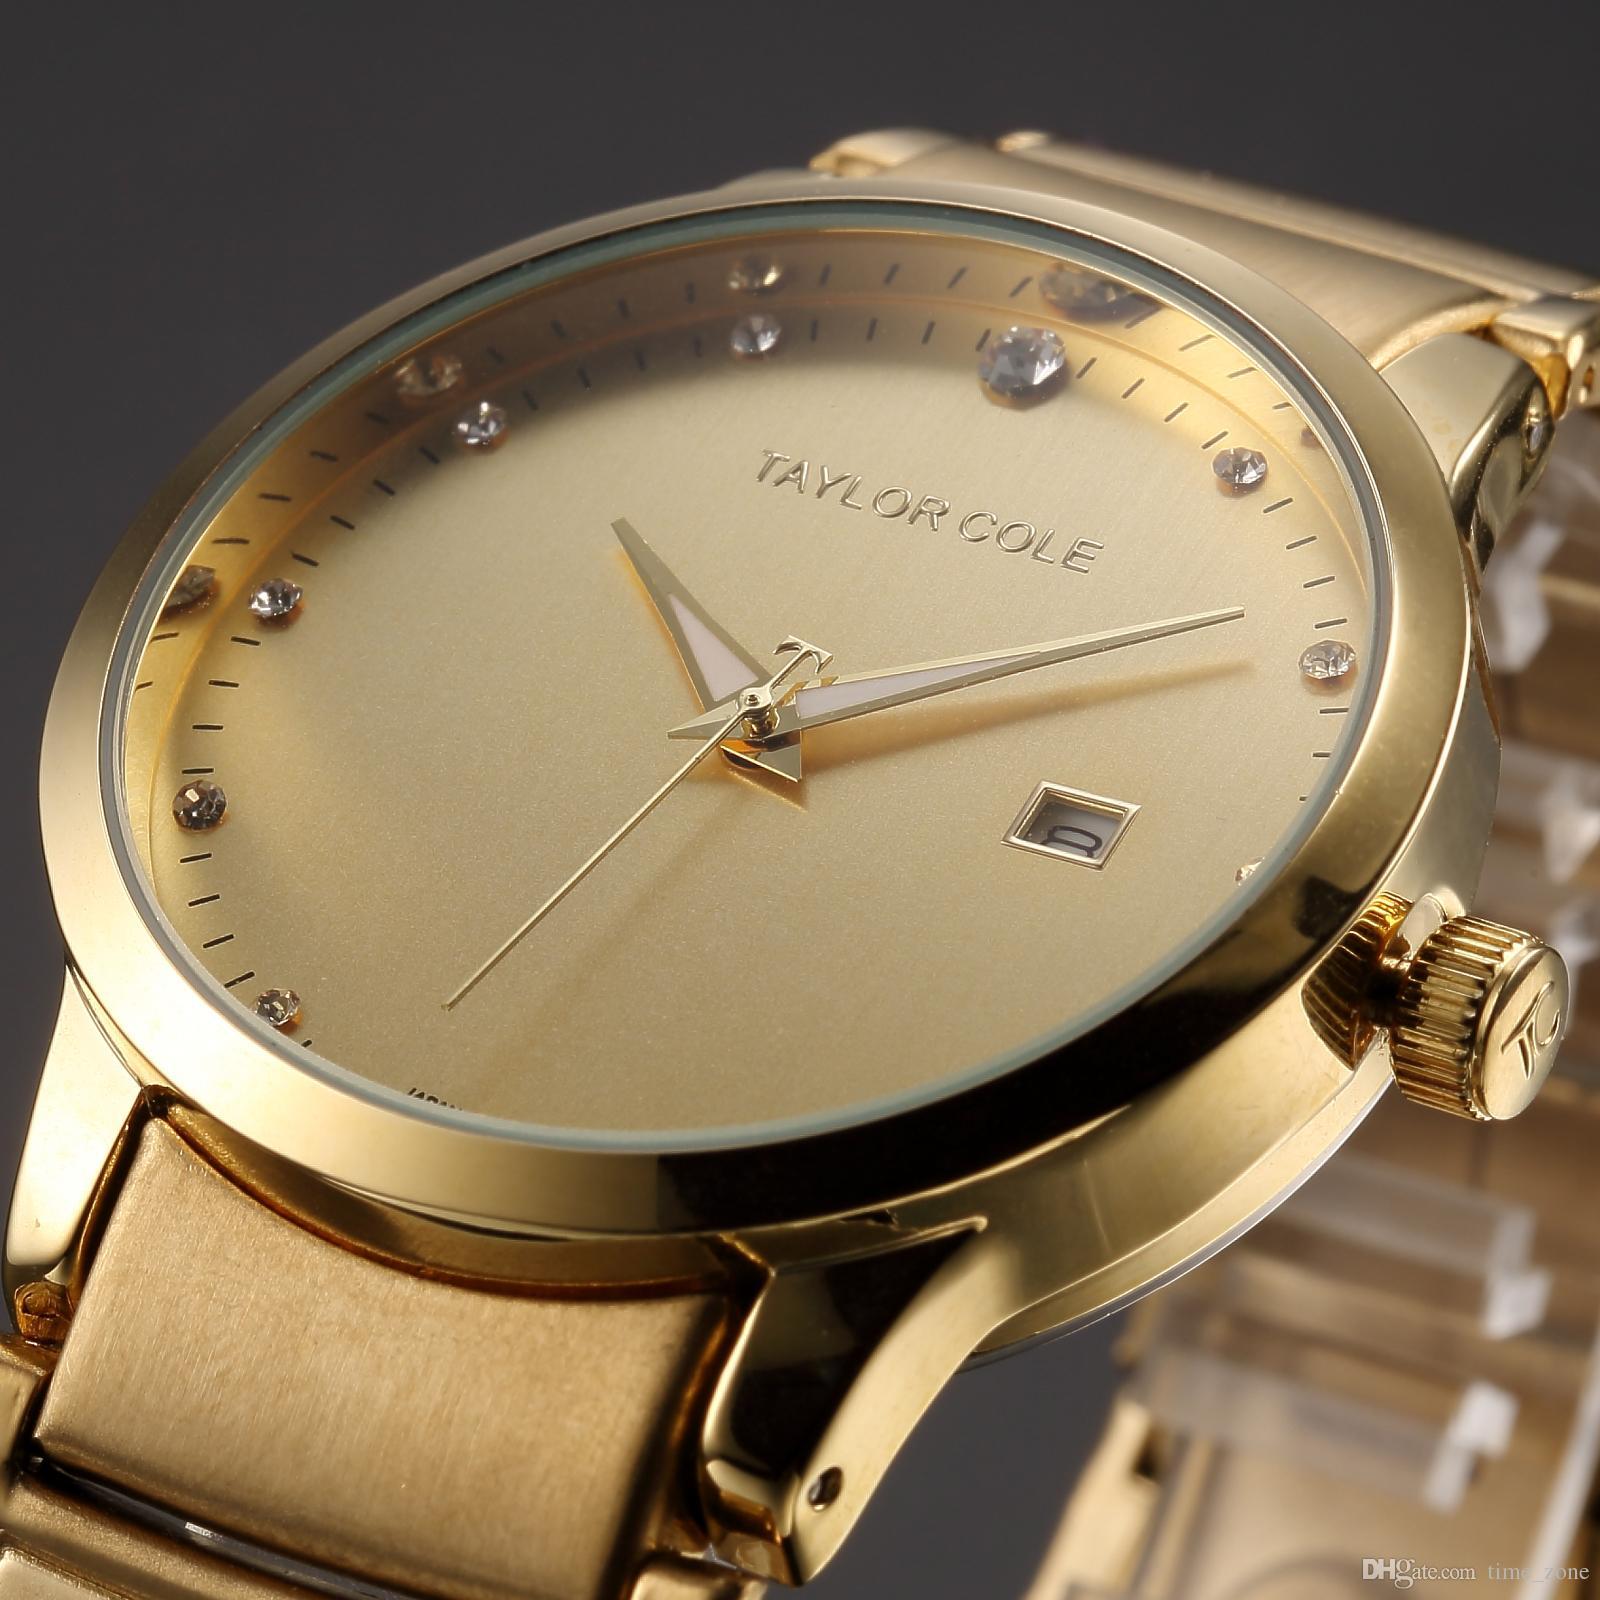 c515109e1e3 Compre Gold Taylor Cole Relógios De Marca De Luxo Relógio Feminino Data  Display Mulheres Relógios Relógios Fashion Casual Quartz Watch   TC020 De  Time zone